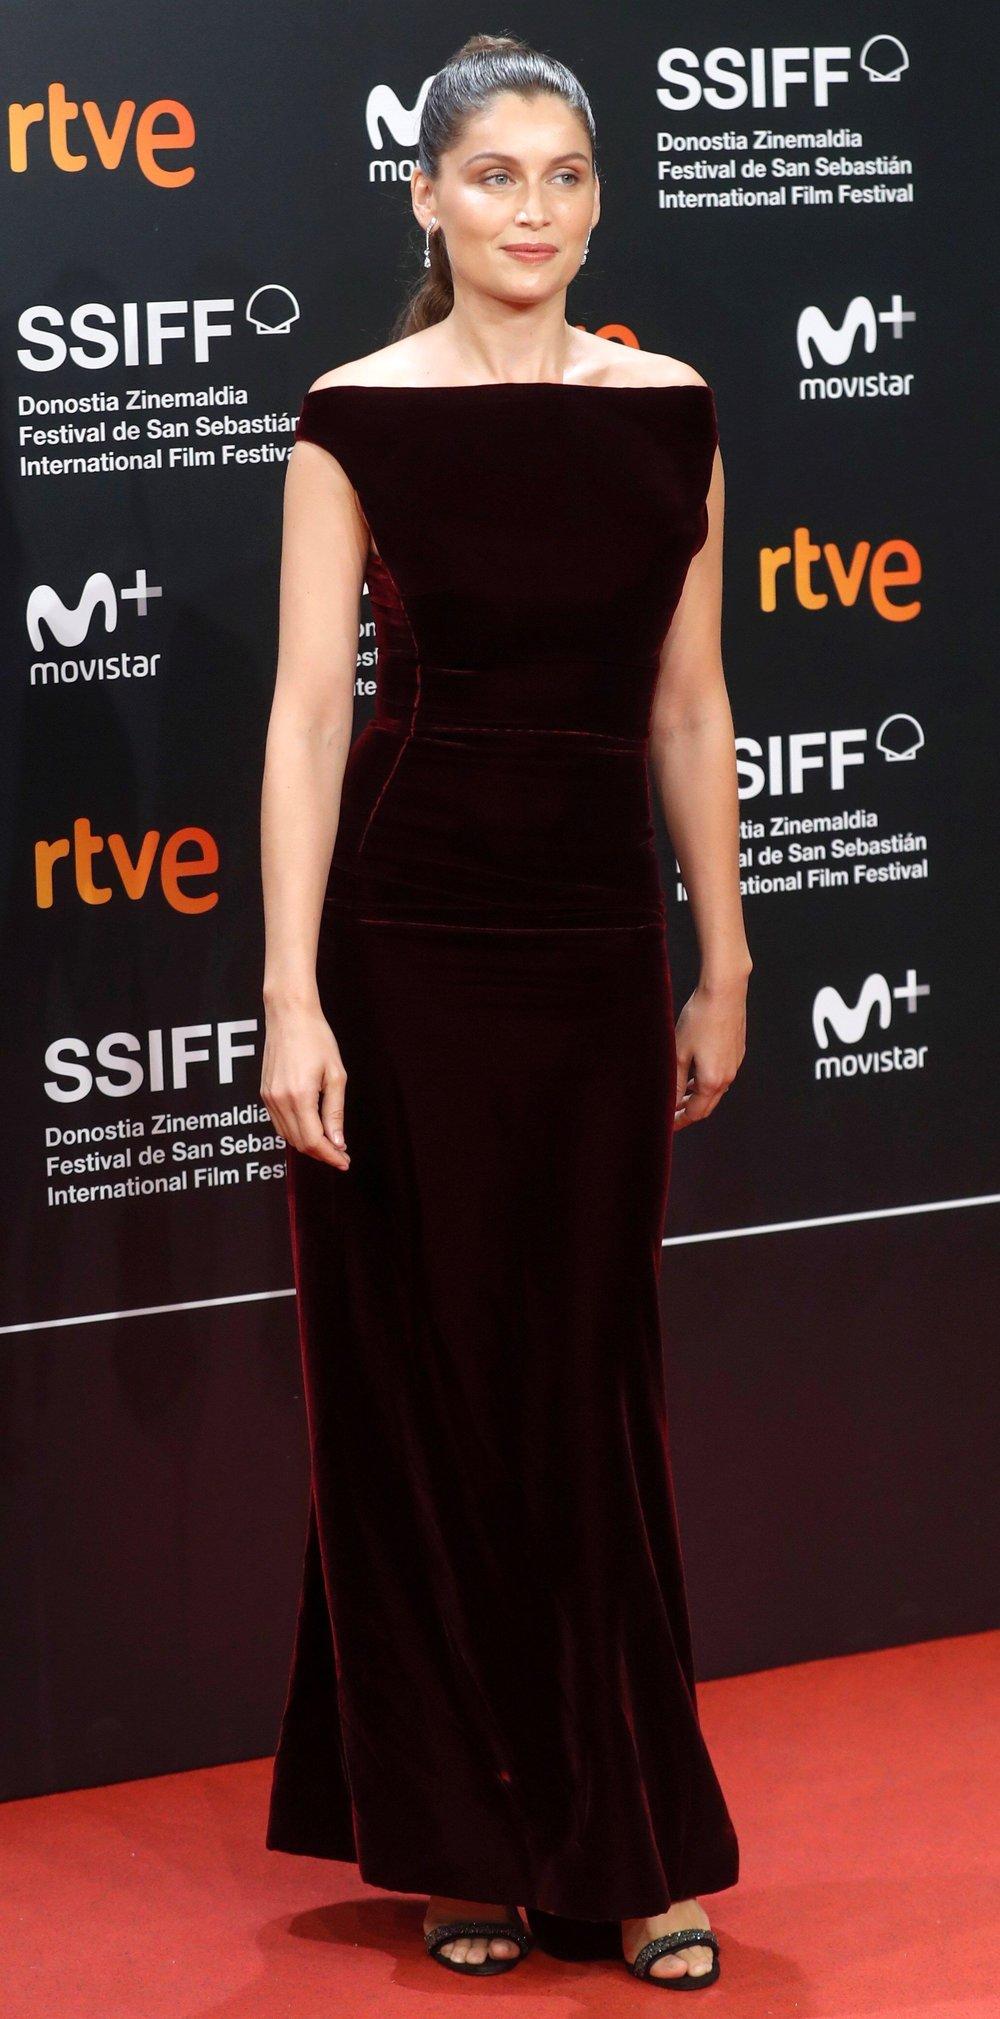 La actriz Laetitia Casta durante la presentación esta noche  en la 66 edición del Festival de Cine de San Sebastián. Foto:Juan Herrero